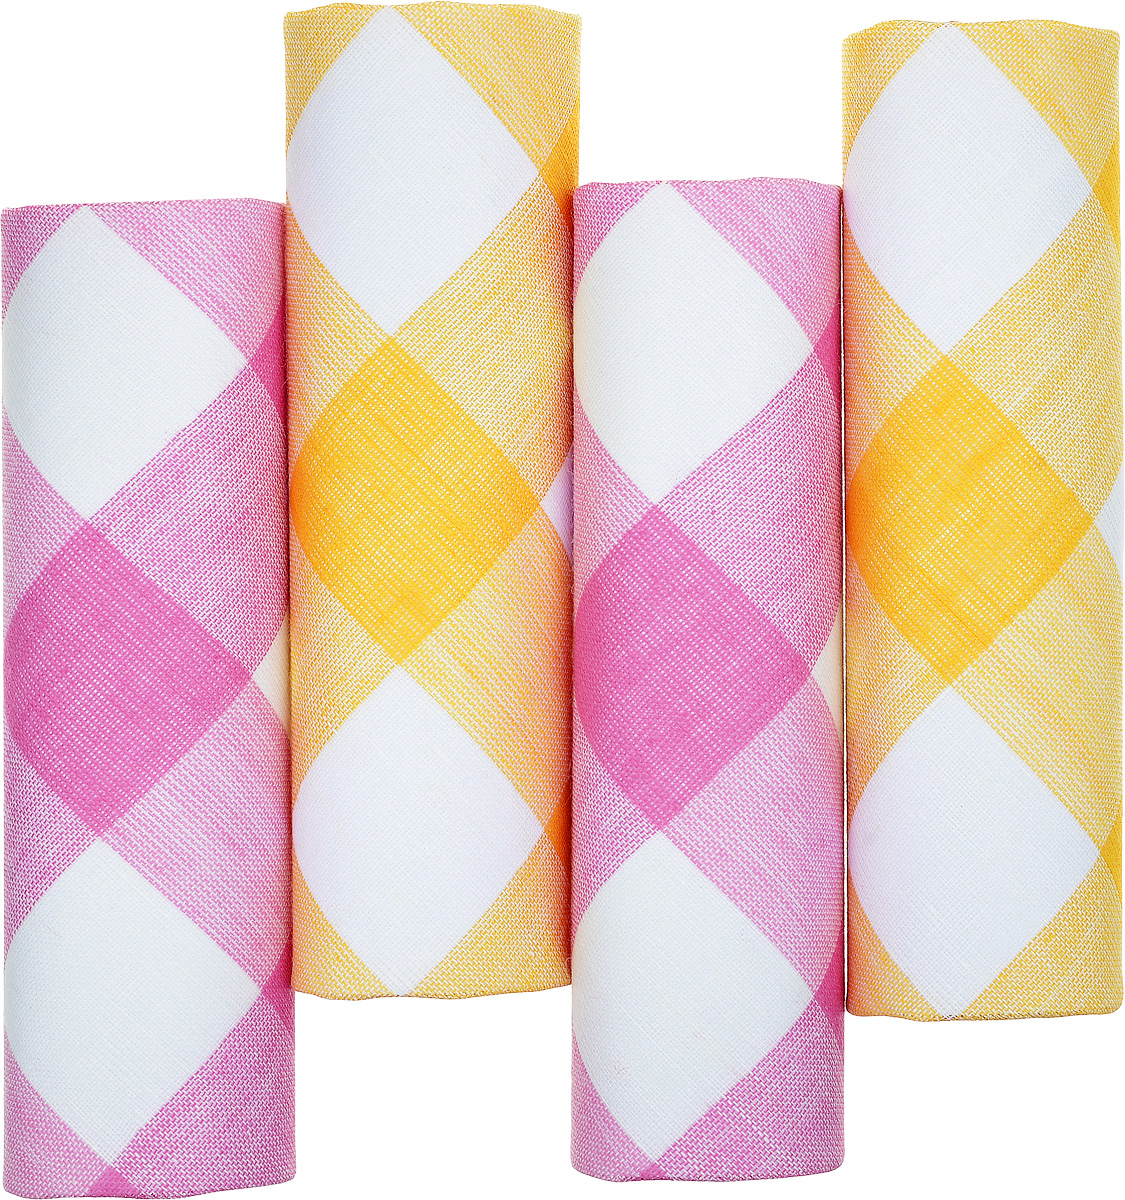 Платок носовой женский Zlata Korunka, цвет: белый, розовый, желтый. 71420-8. Размер 29 х 29 см, 4 шт39864|Серьги с подвескамиНосовой платок Zlata Korunka изготовлен из высококачественного натурального хлопка, благодаря чему приятен в использовании, хорошо стирается, не садится и отлично впитывает влагу. Практичный и изящный носовой платок будет незаменим в повседневной жизни любого современного человека. Такой платок послужит стильным аксессуаром и подчеркнет ваше превосходное чувство вкуса.В комплекте 4 платка.